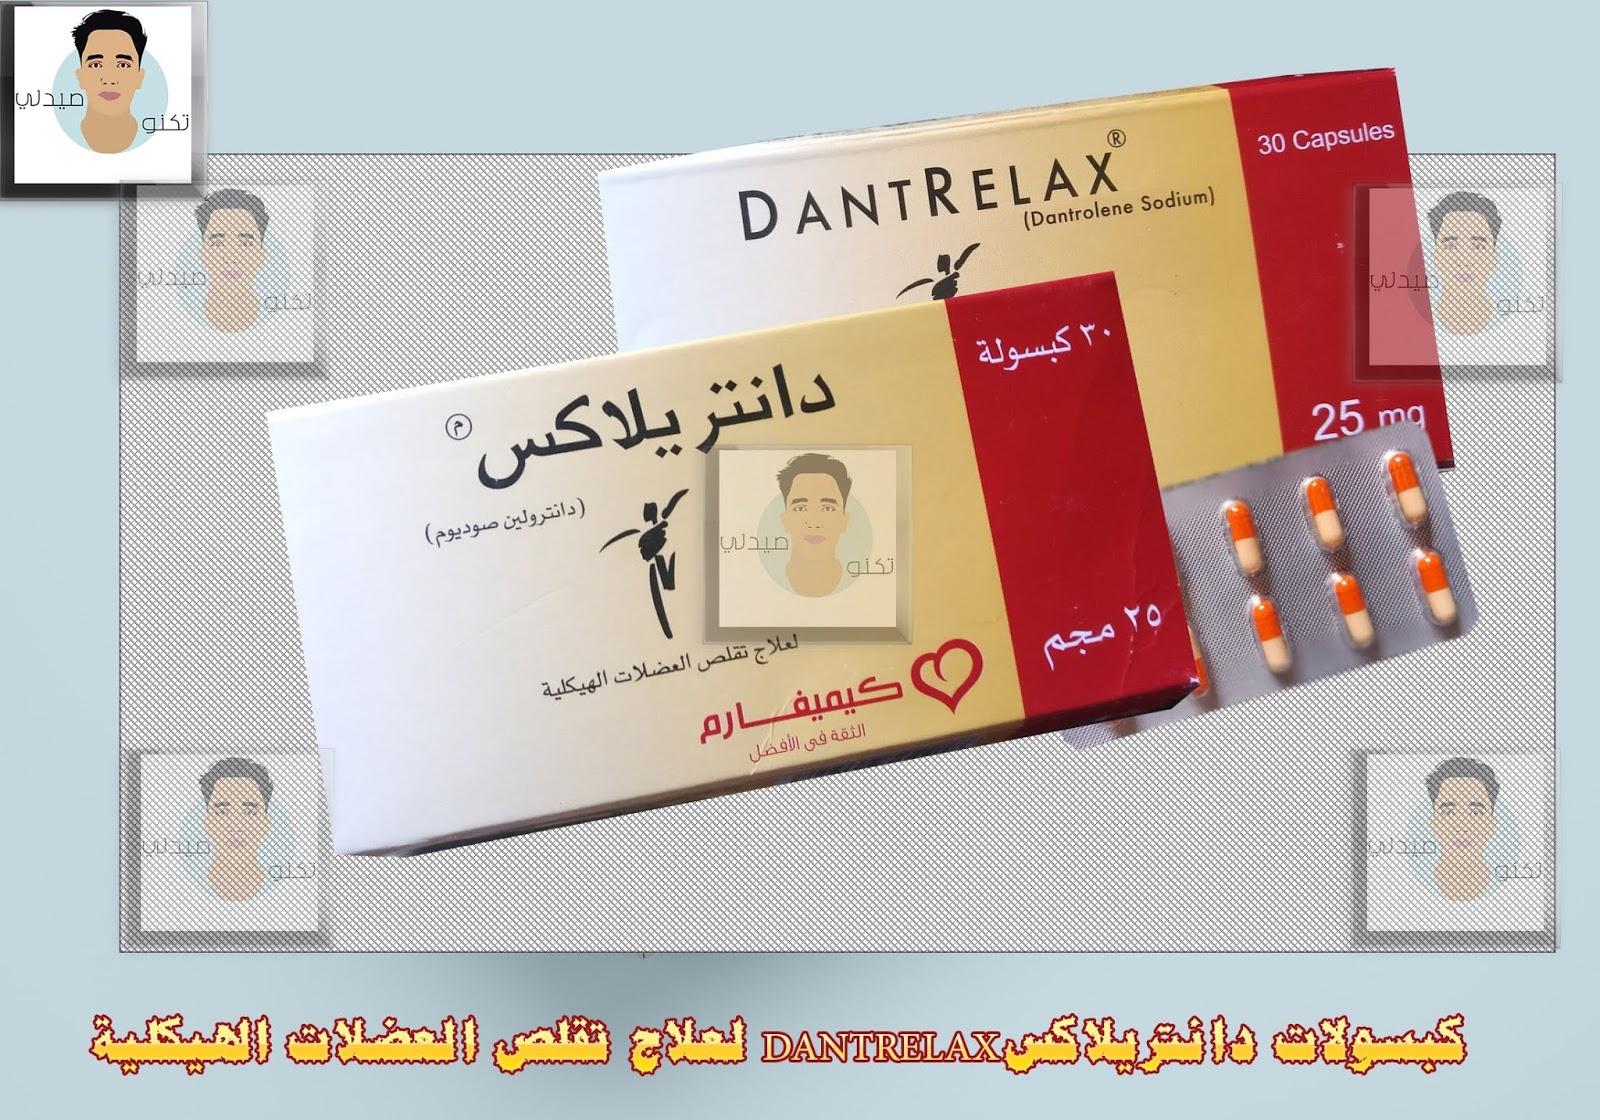 كبسولات دانتريلاكسDANTRELAX لعلاج تقلص العضلات الهيكلية